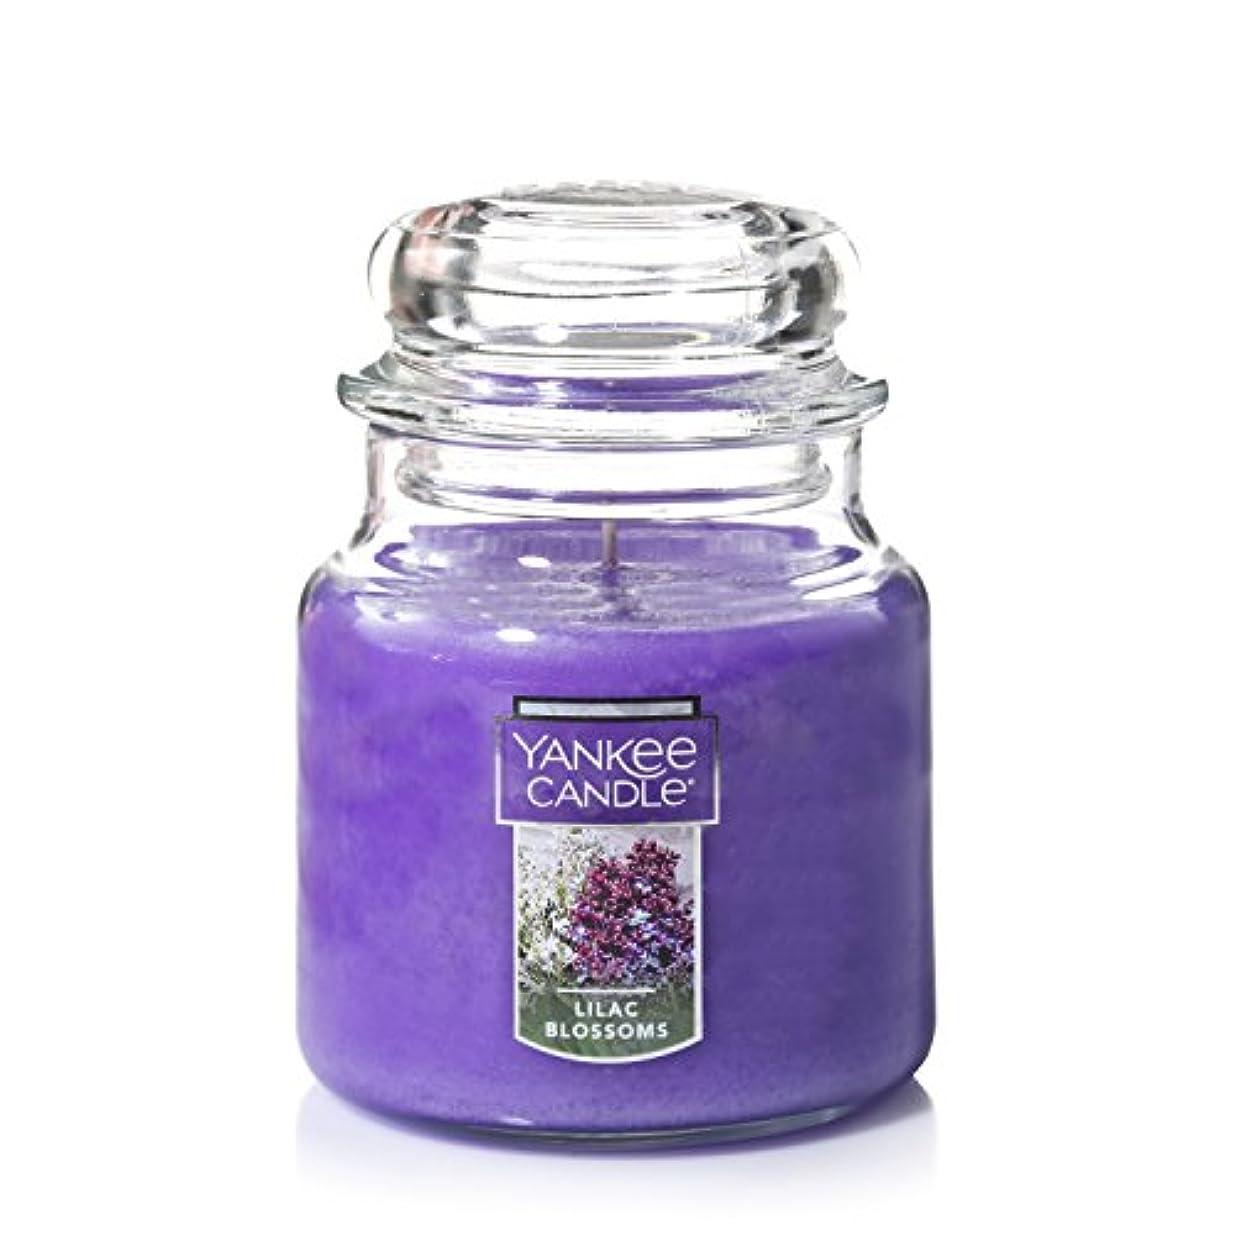 今日好きである代わりのYankee CandleライラックBlossoms Medium Jar 14.5oz Candle One パープル 1006996